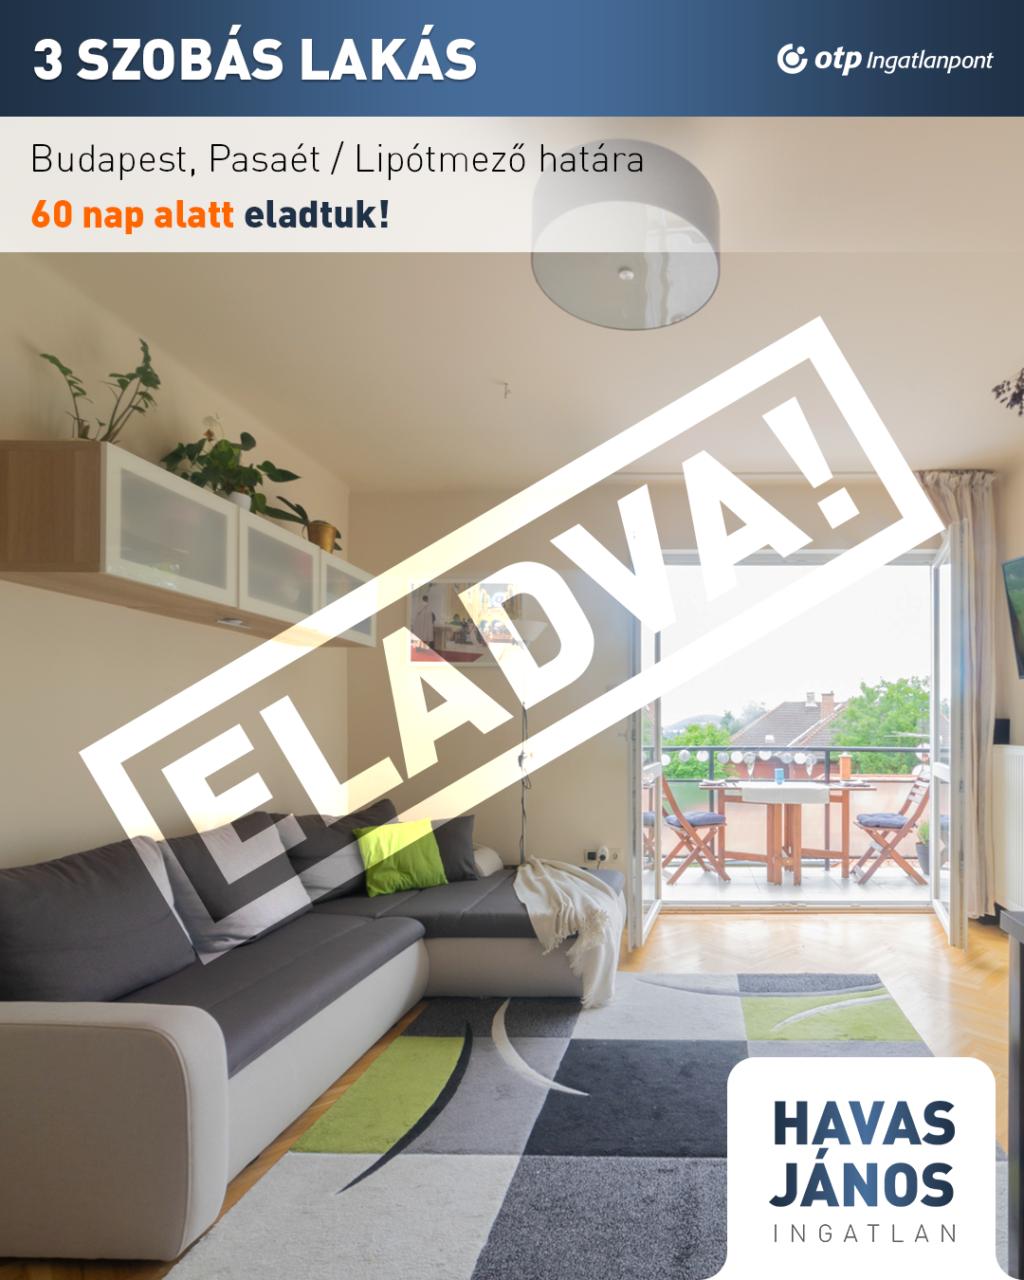 Eladó Lakás Budapest Lipótmező